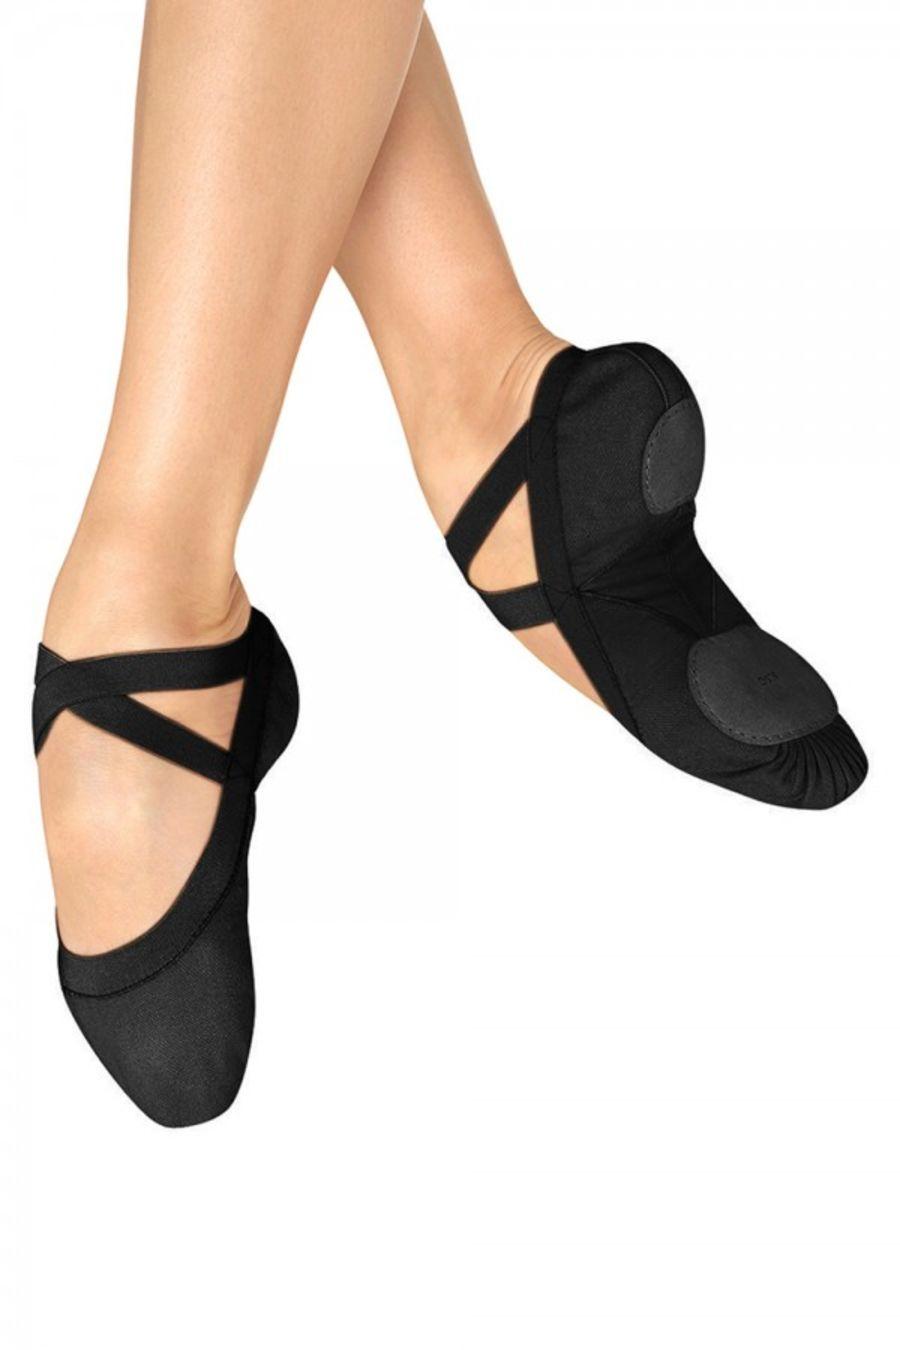 Bloch SO621L Pro Elastic Canvas Split Sole Ballet Shoe Black